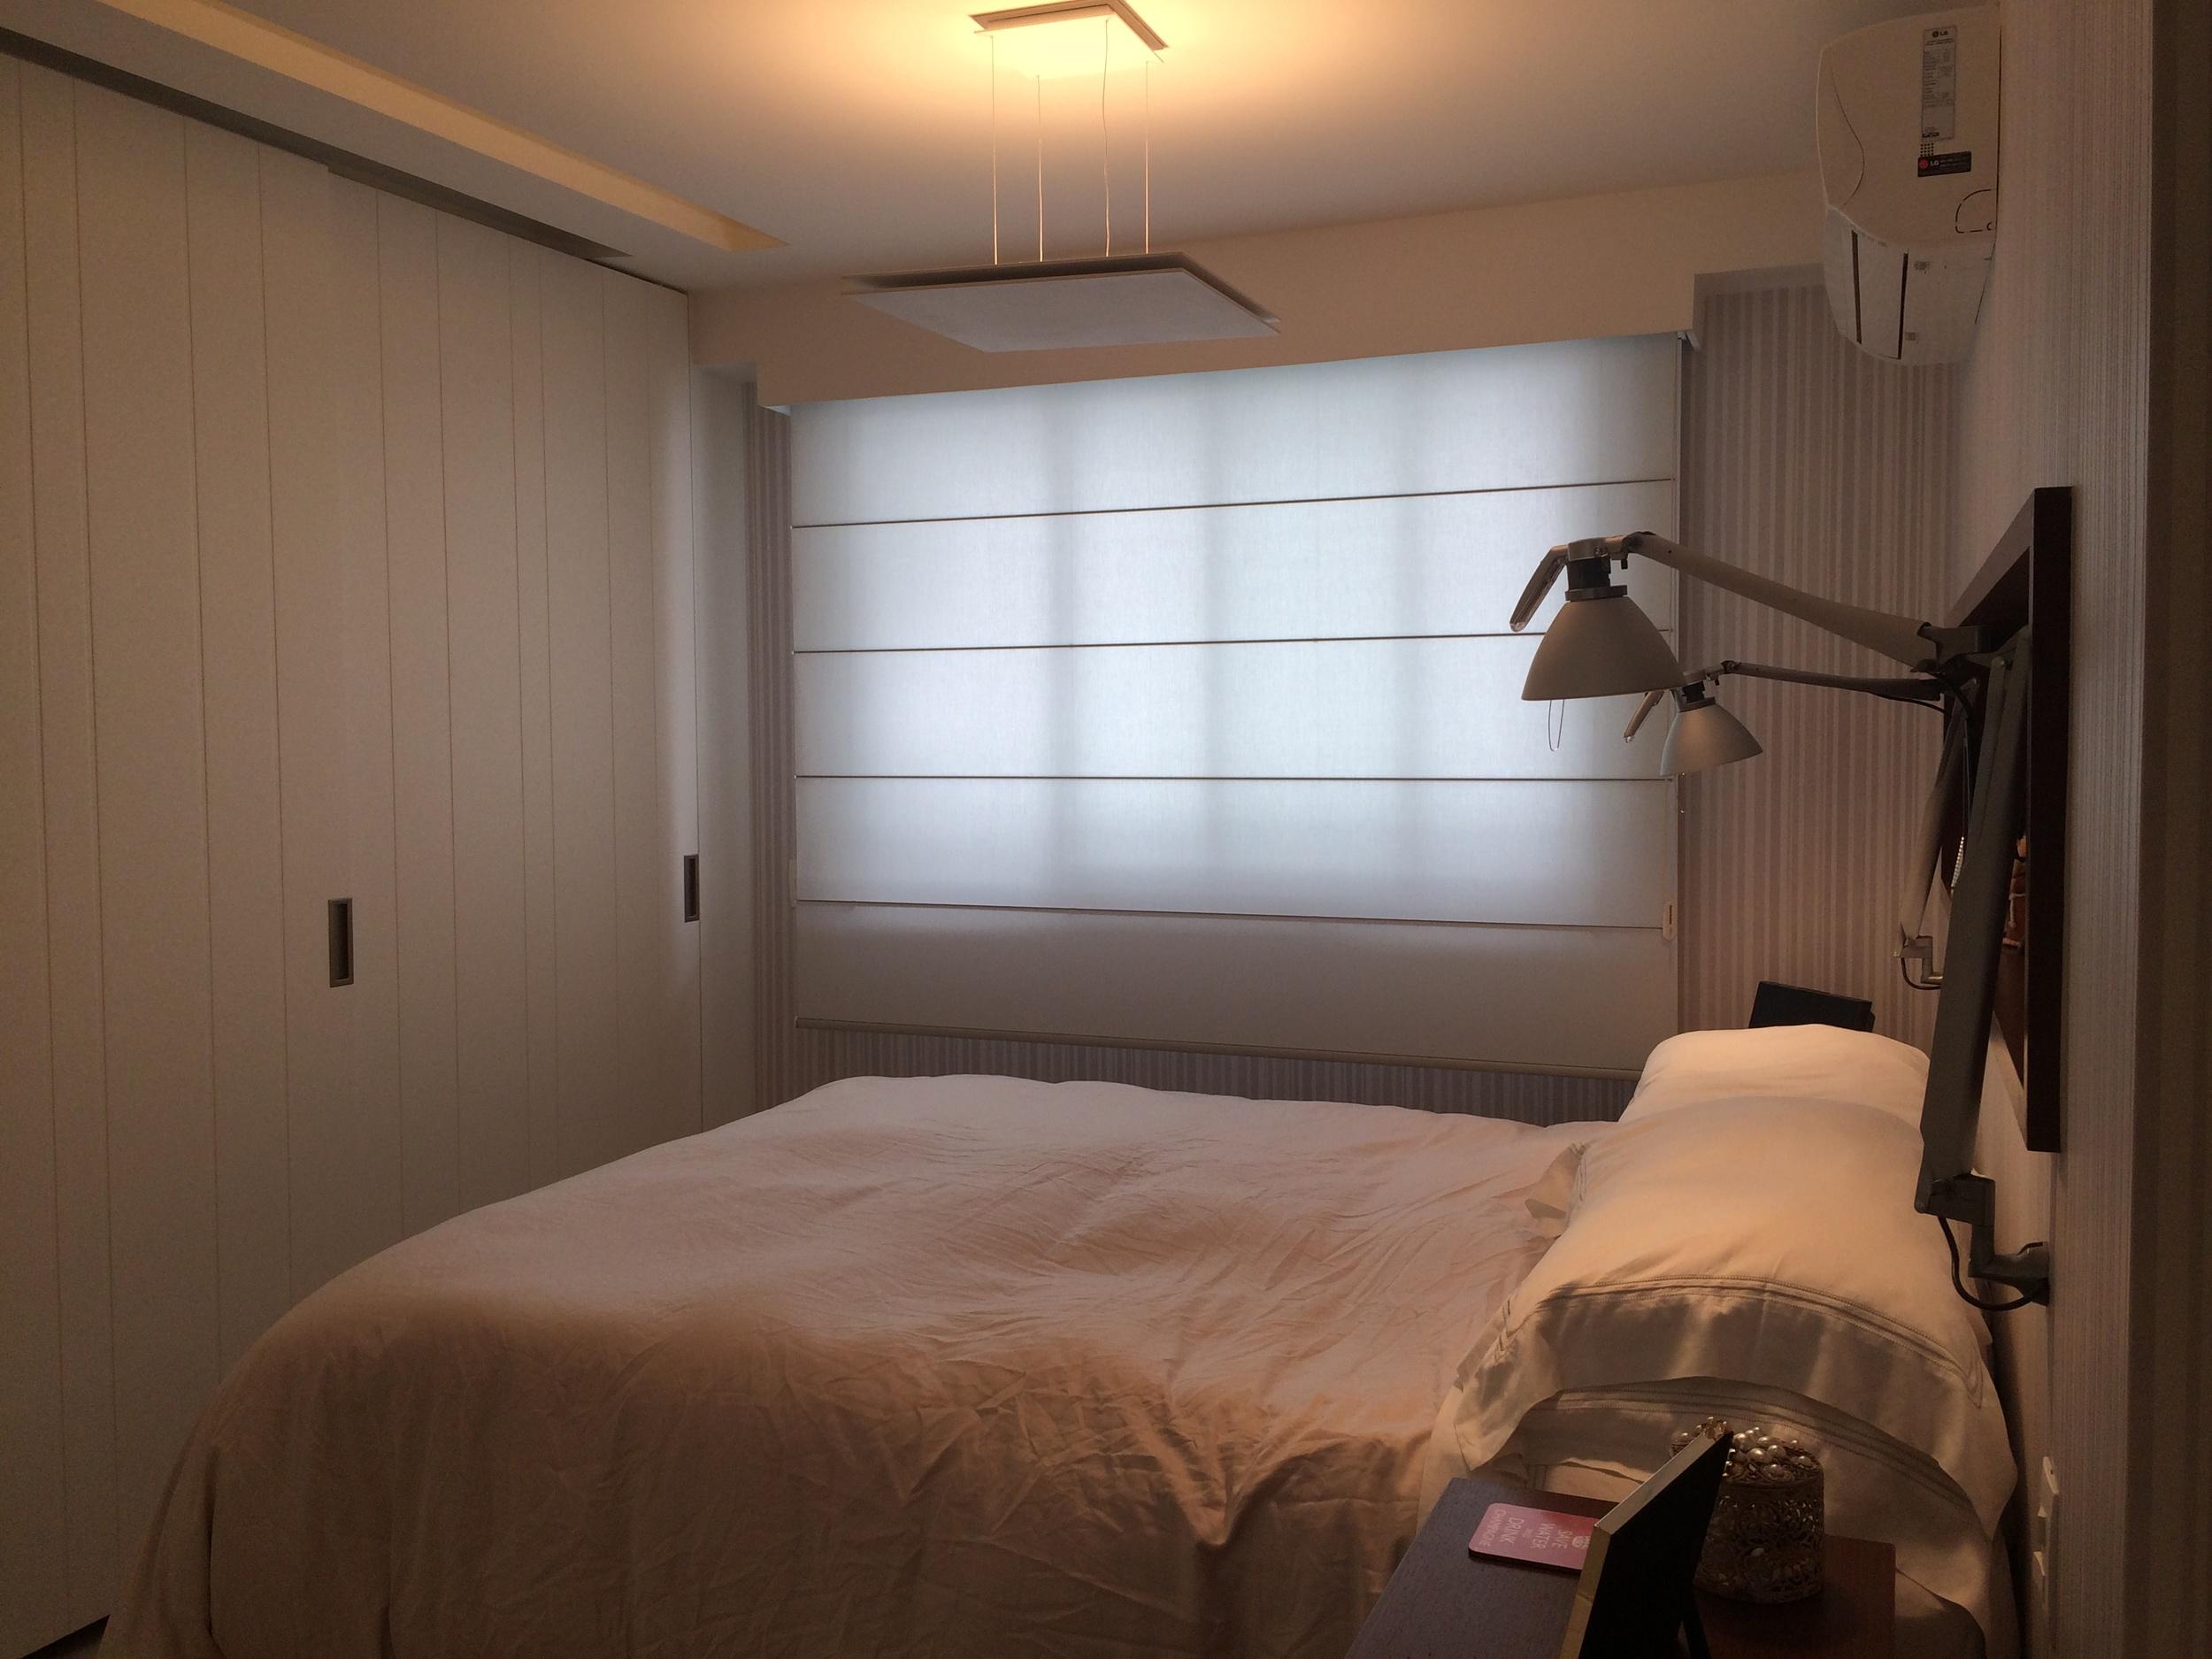 apartamento botafogo11.JPG